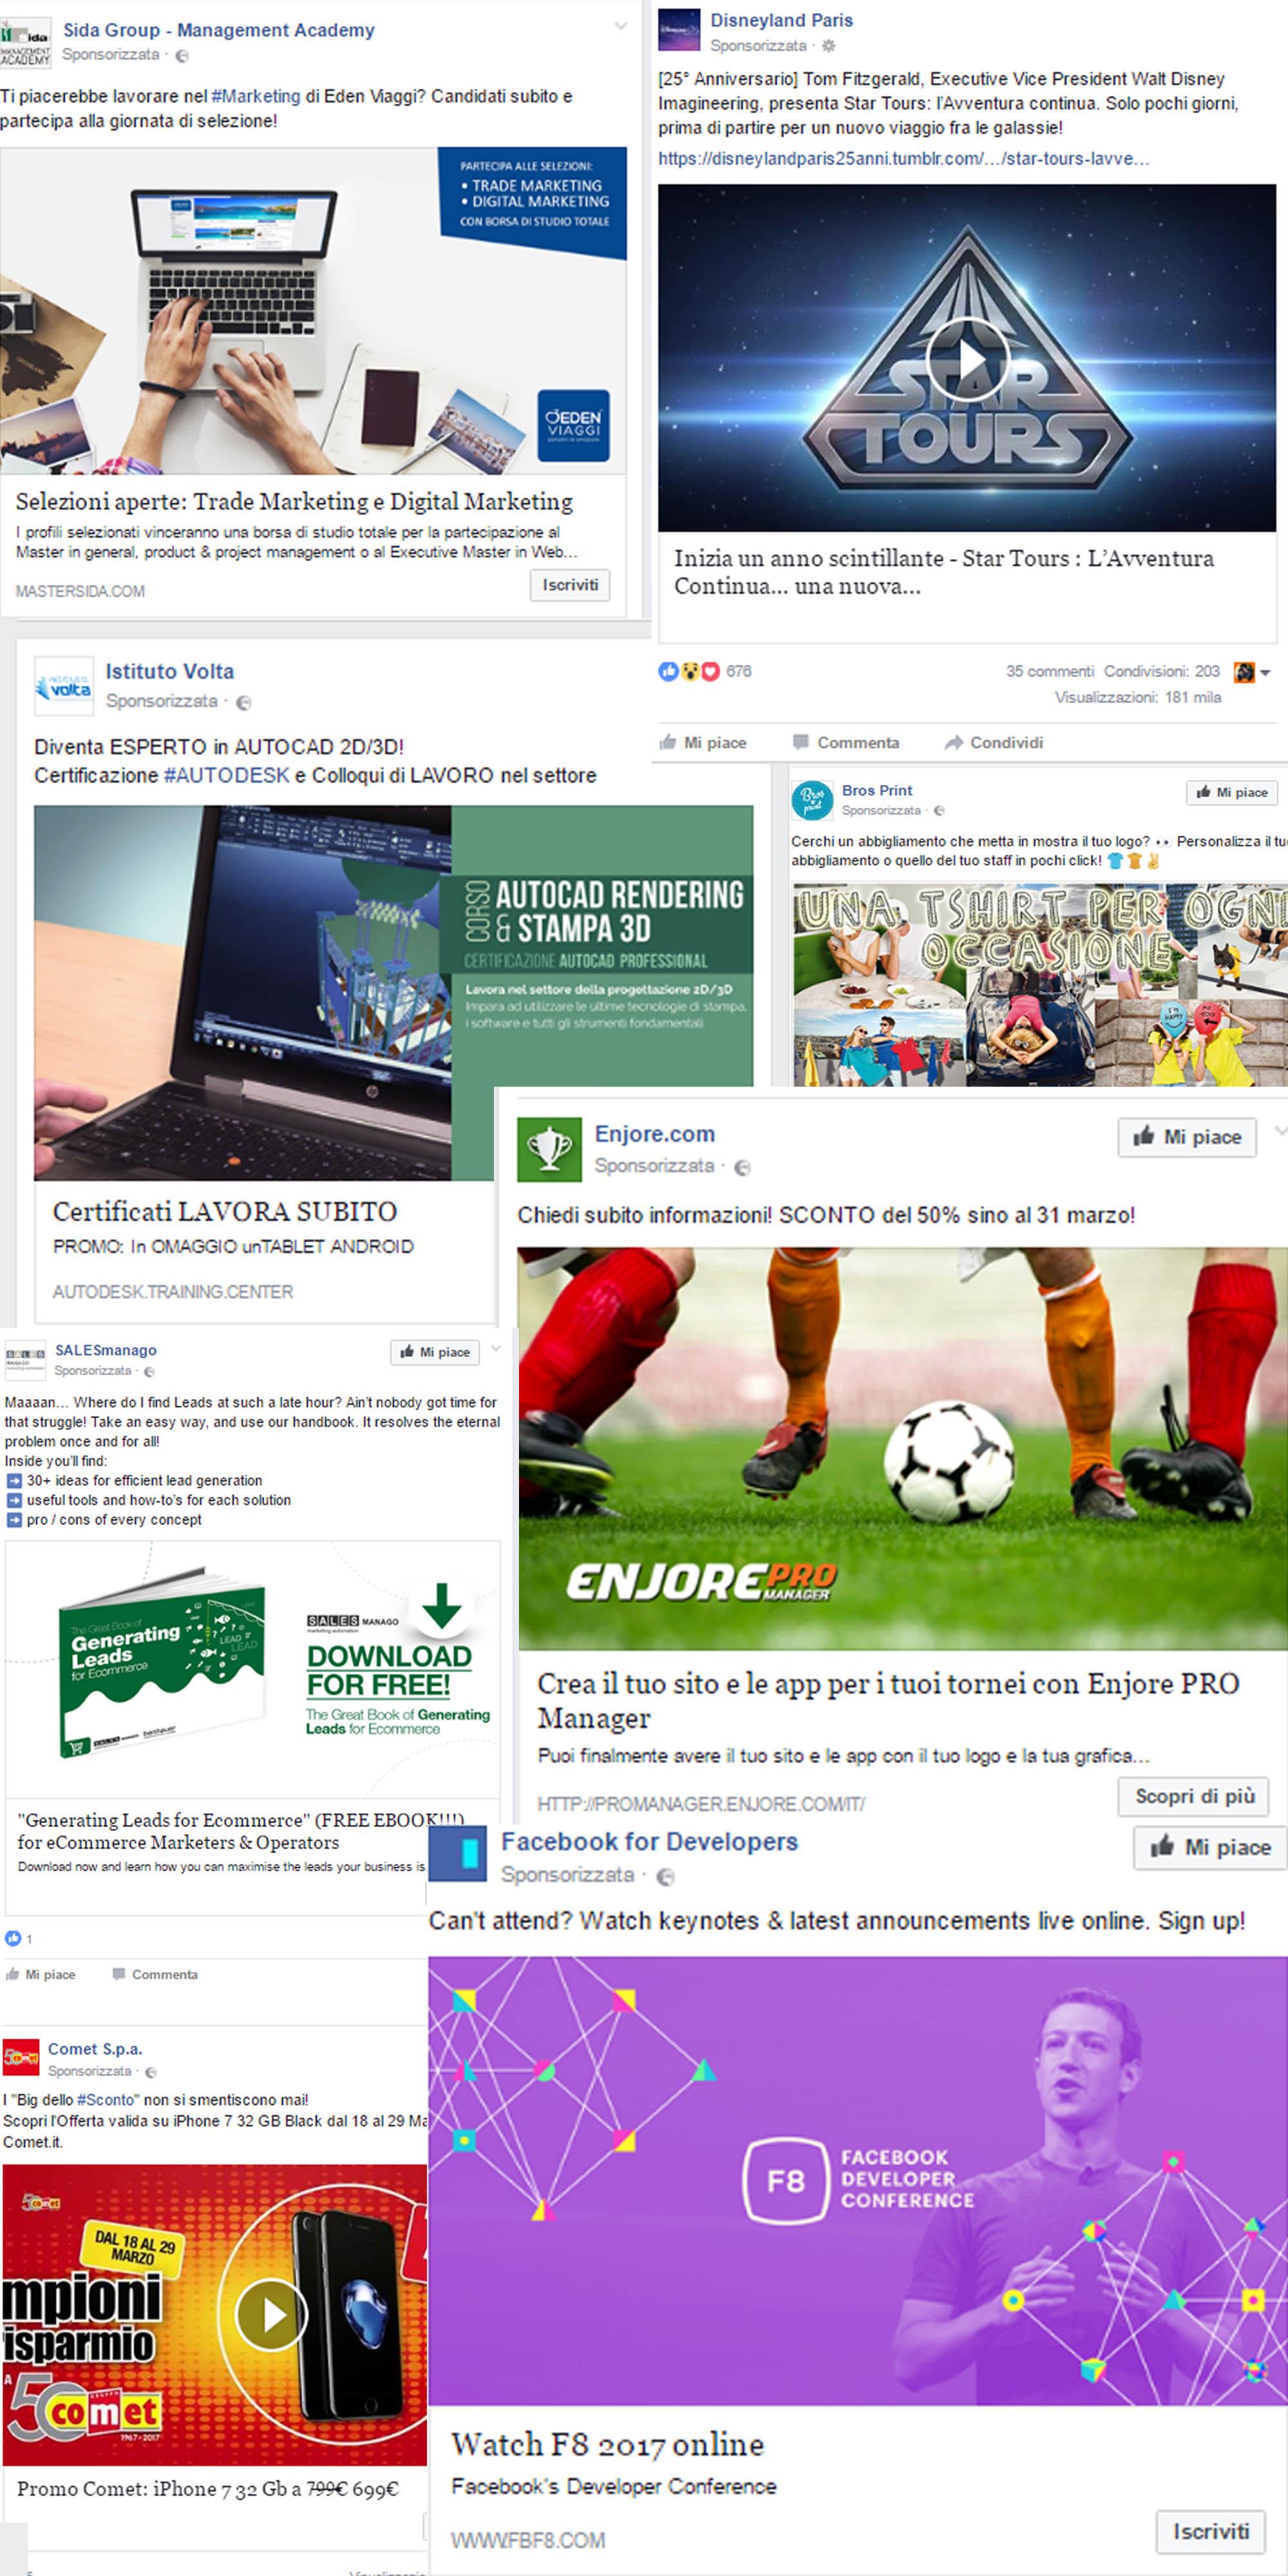 sponsorizza facebook.jpg